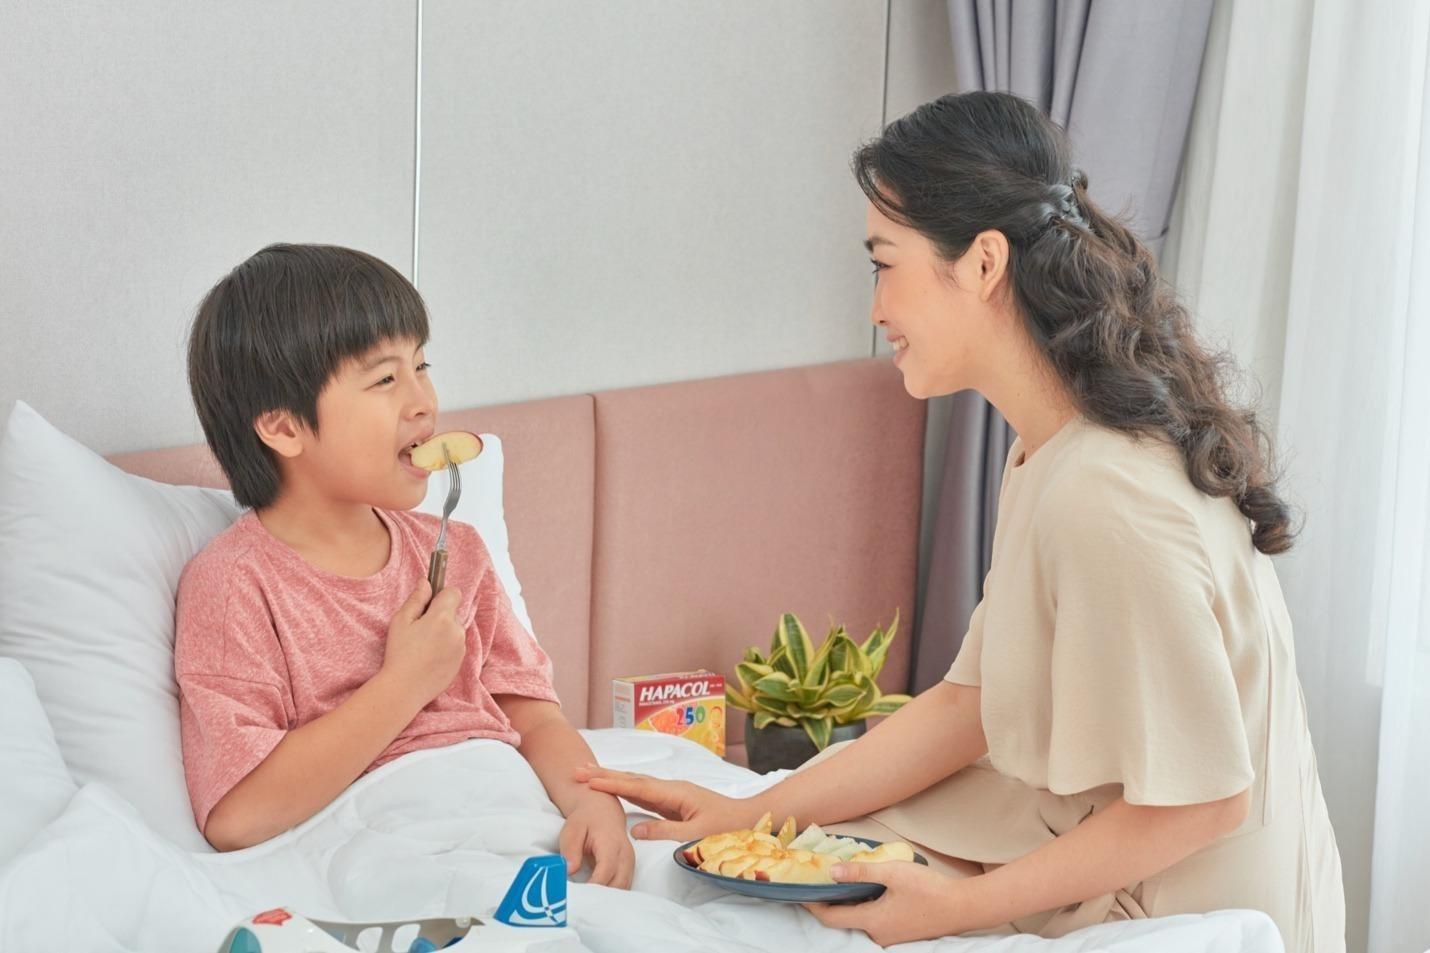 Bố mẹ nên chú ý tình trạng sốt của trẻ